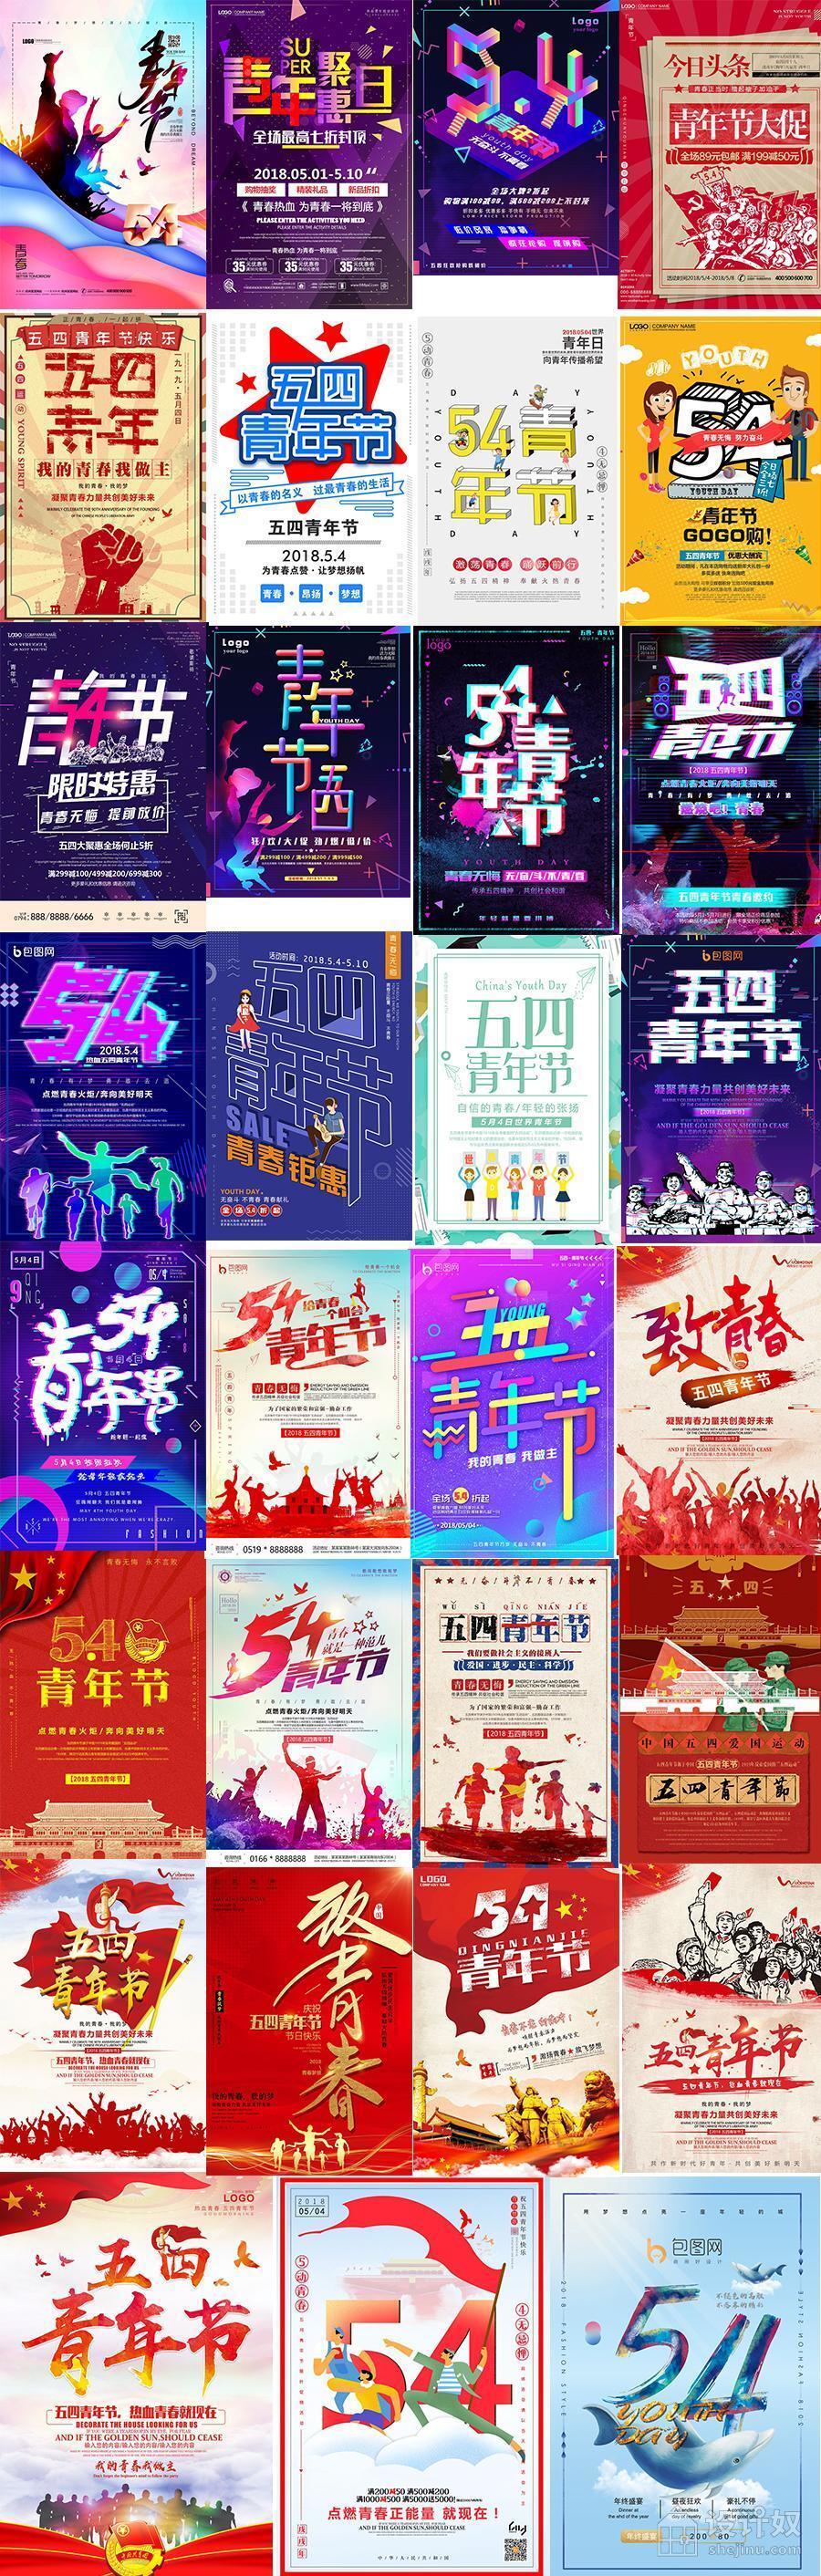 31款五四青年节海报青春正能量放飞梦想设计素材【PSD】